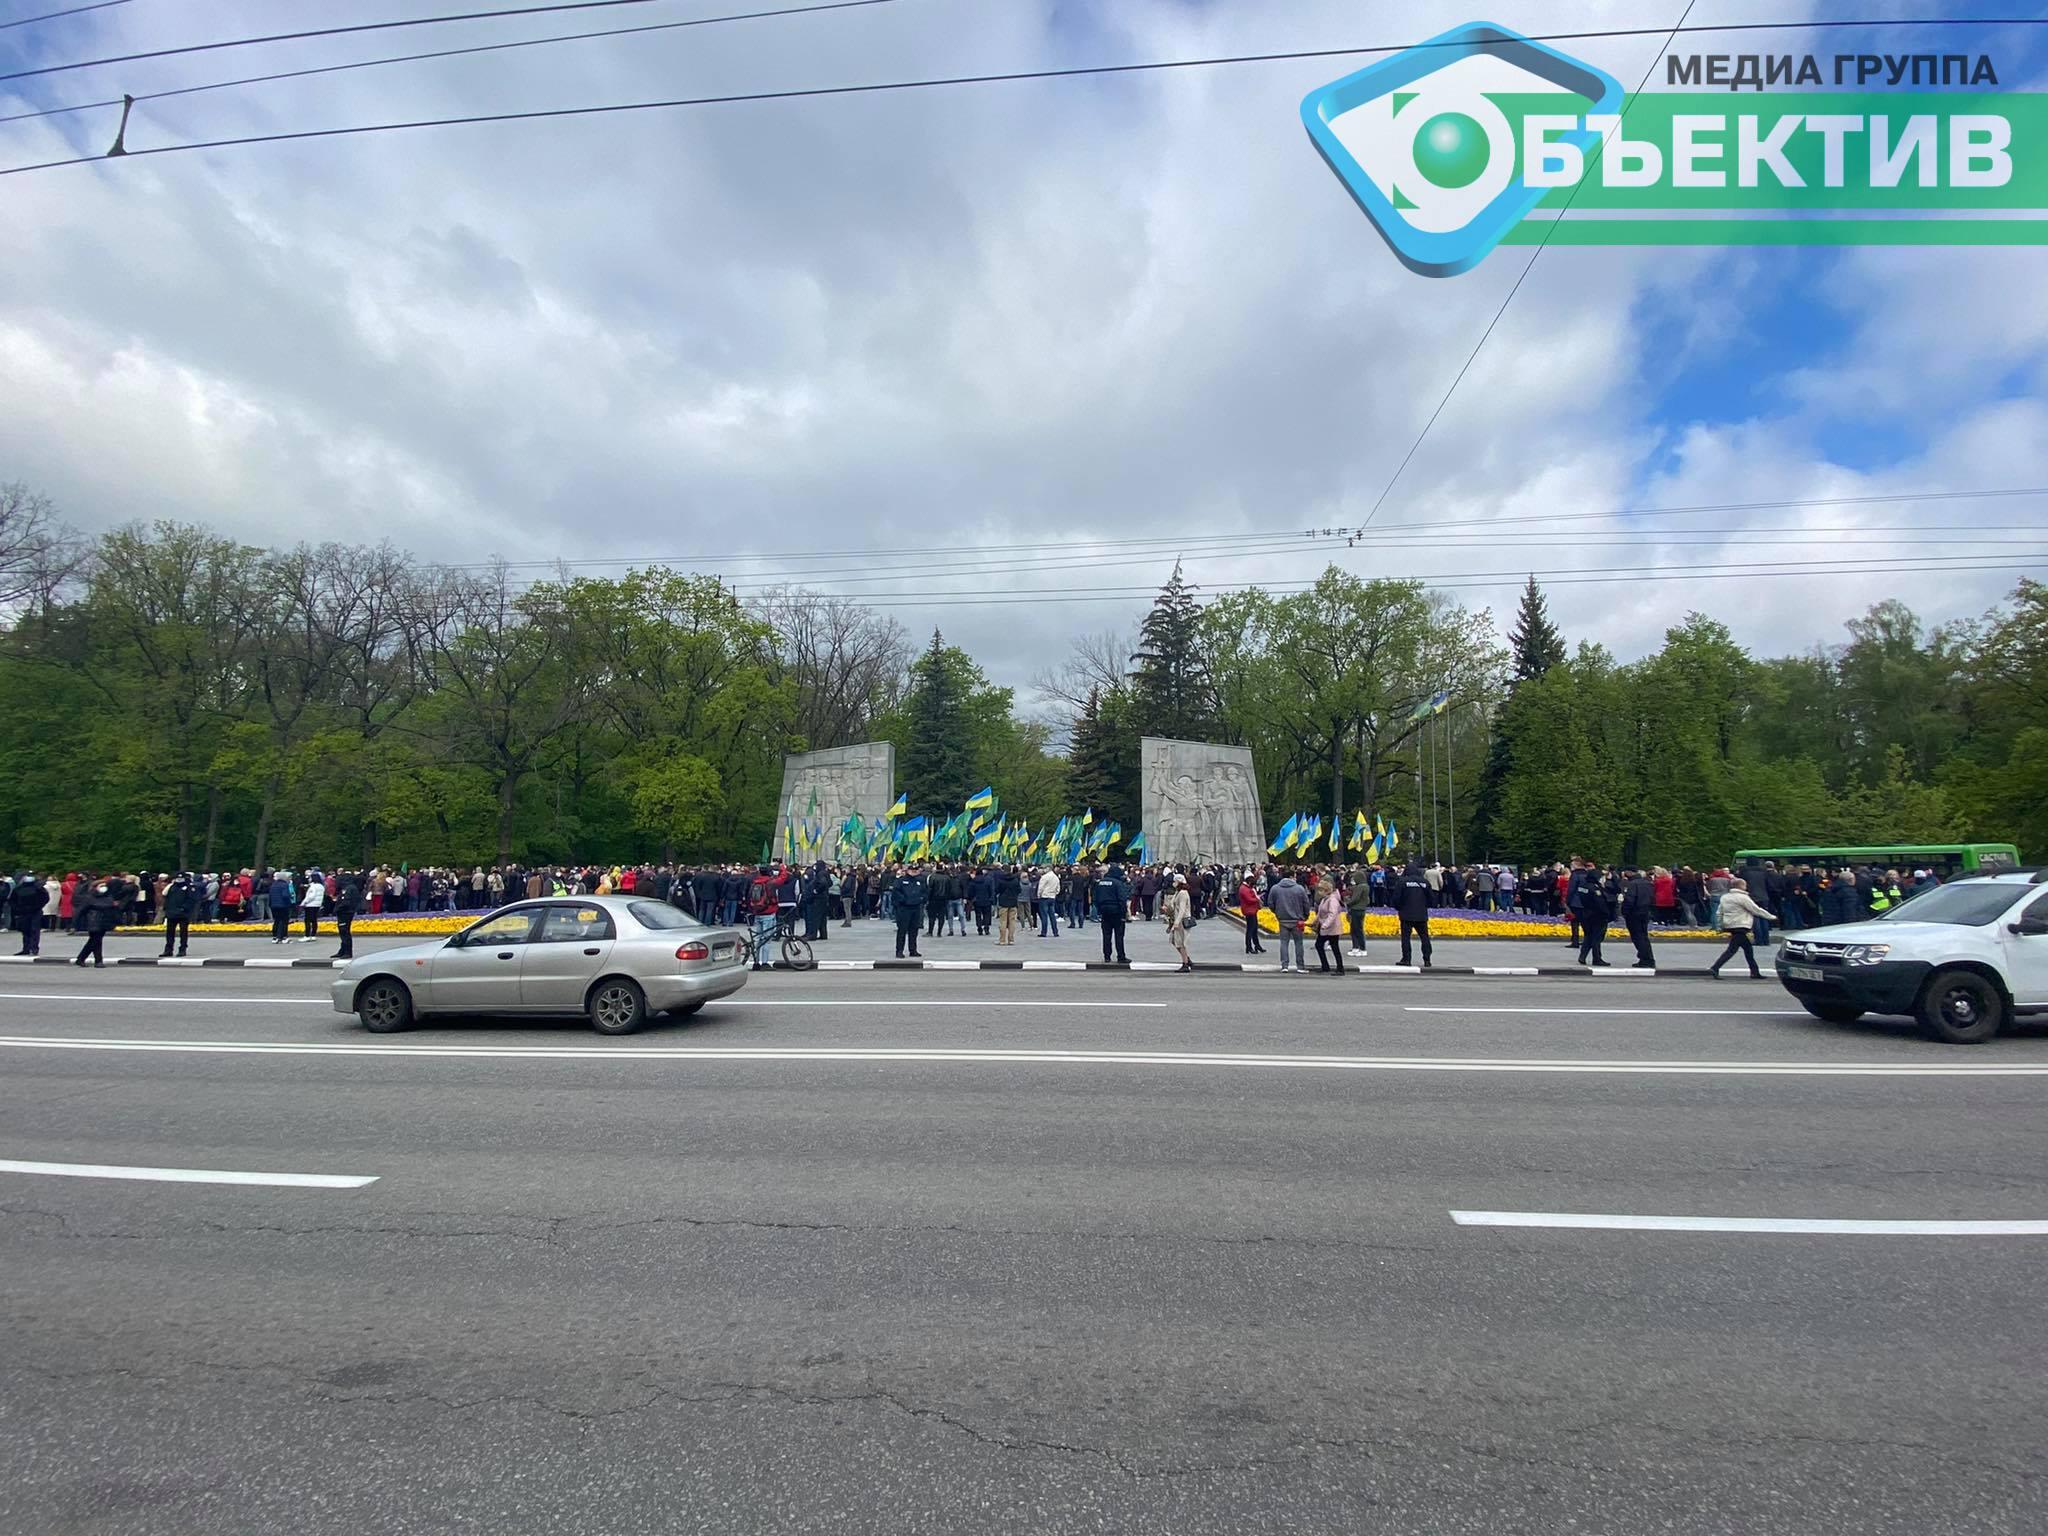 На Мемориале Славы в Харькове собрались сотни людей (фото, видео)